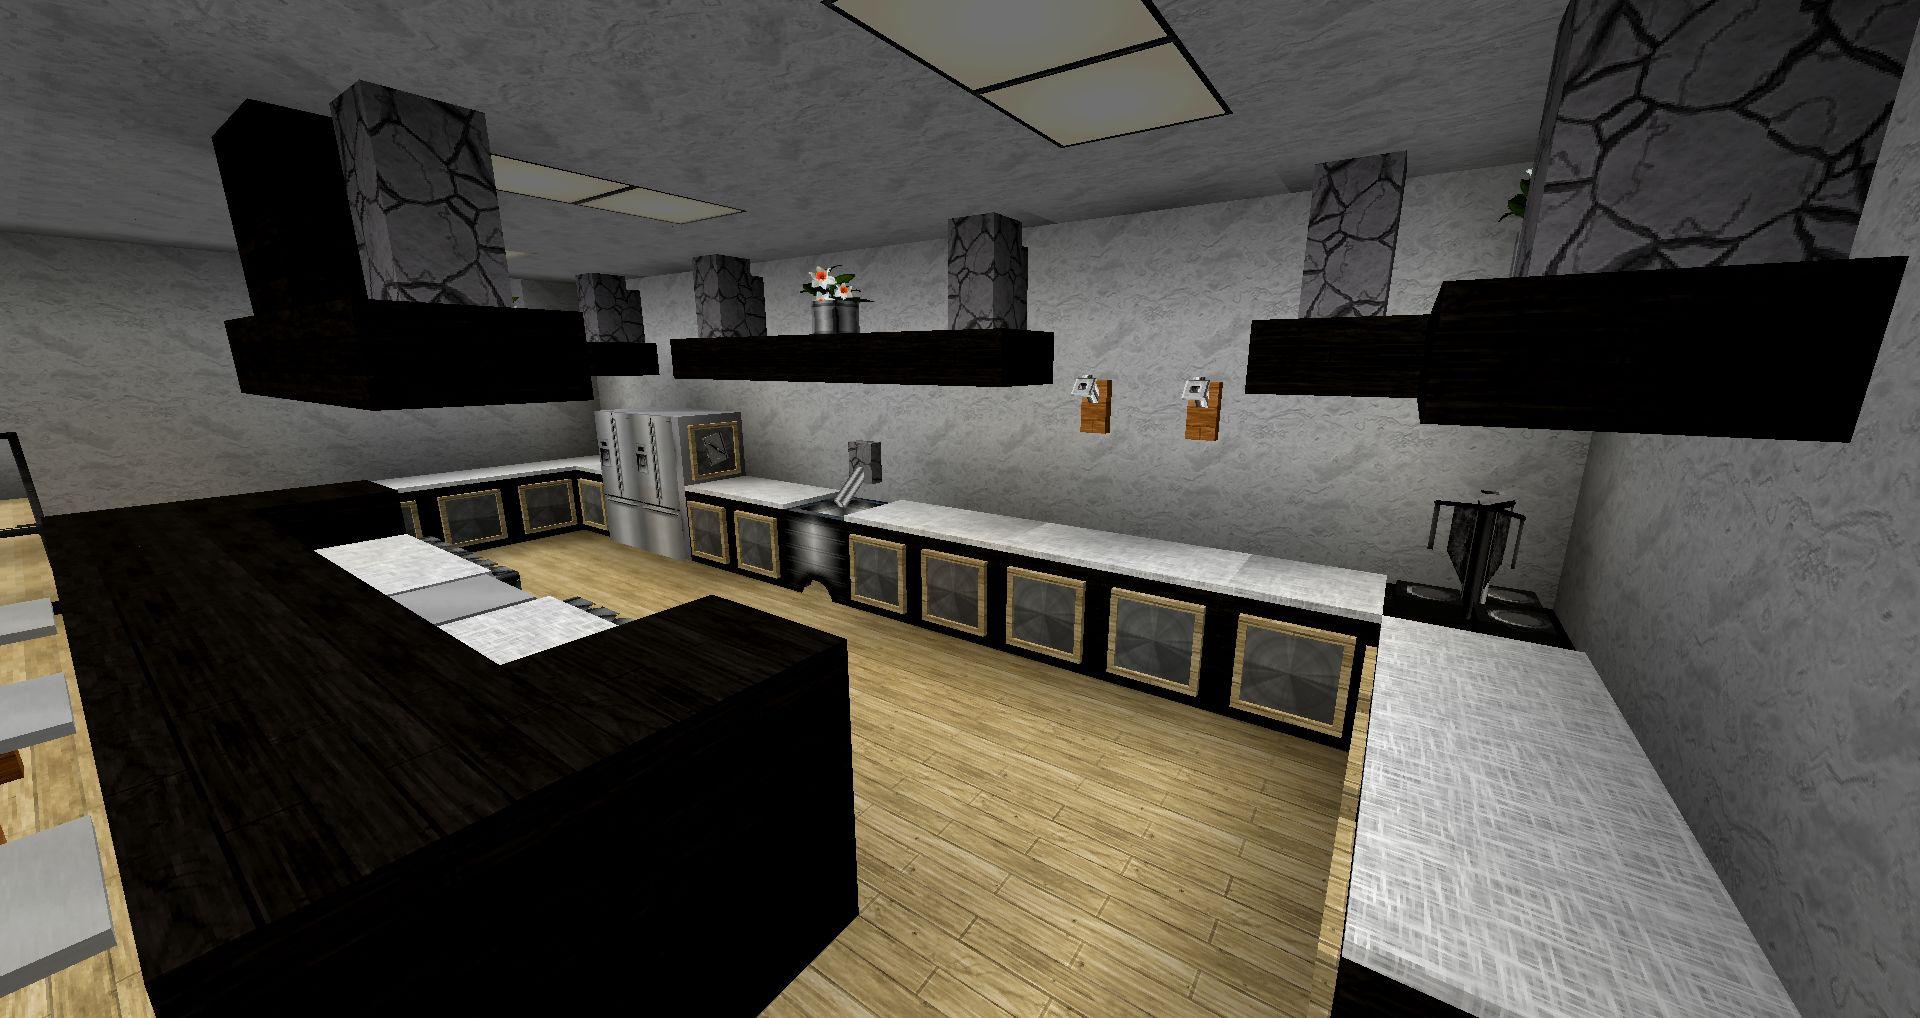 Full Size of Minecraft Küche Obi Einbauküche Selber Planen Sockelblende Billige Mini Waschbecken Hängeschrank Ohne Elektrogeräte Arbeitsschuhe Miele Fliesenspiegel Glas Wohnzimmer Minecraft Küche